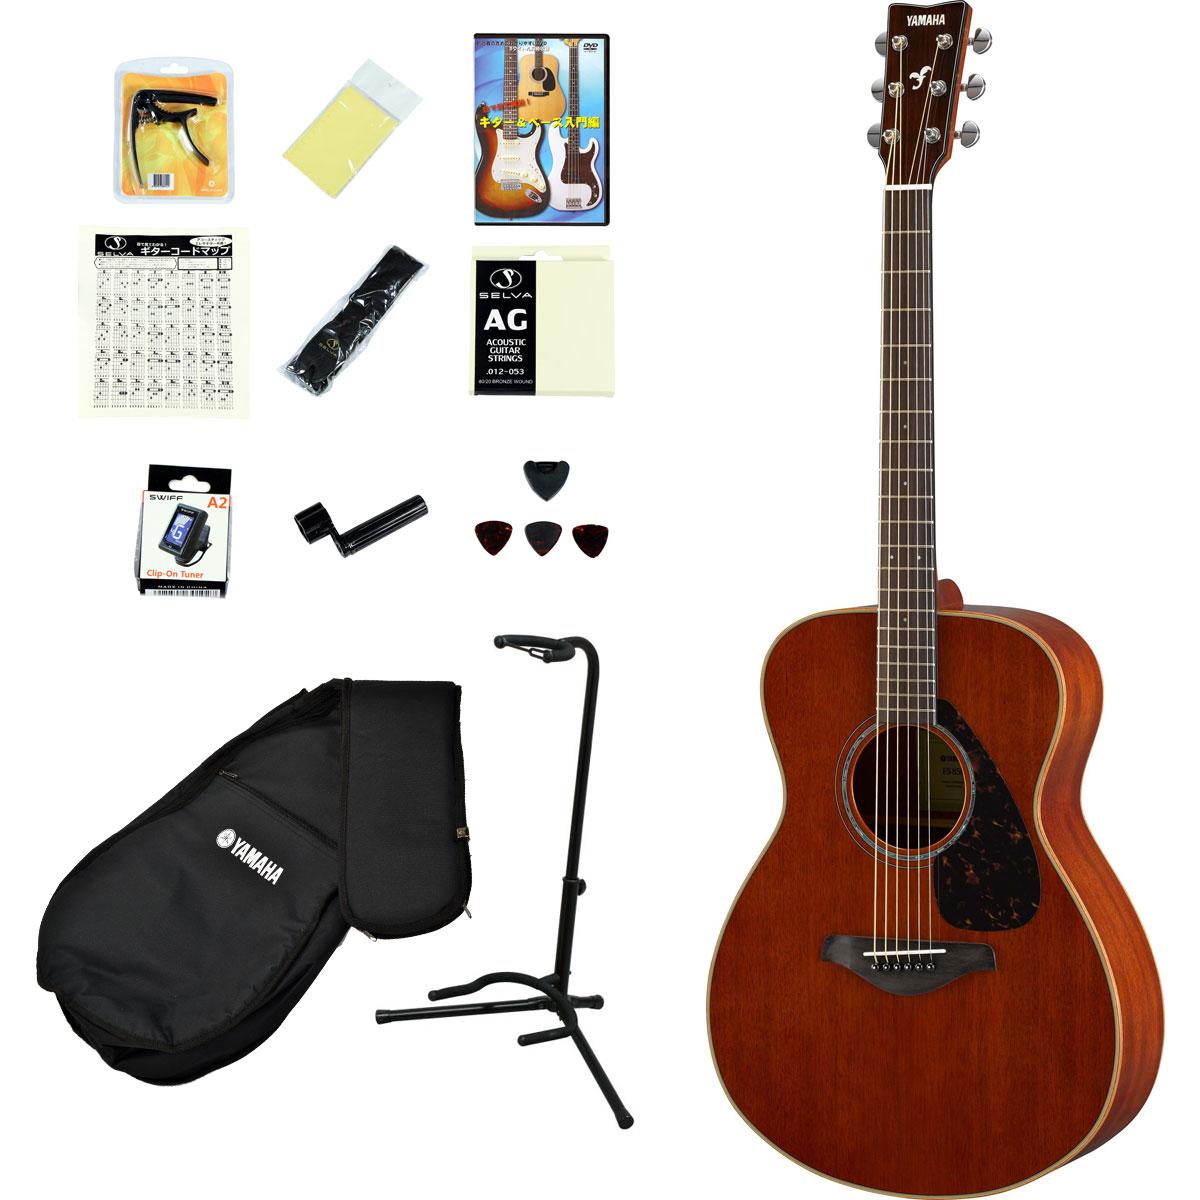 YAMAHA/ YAMAHA FS850 NT(ナチュラル)【アコースティックギター14点入門セット 入門!】 FS-850/ 入門 初心者【YRK】, ヒットライン:b805ad1a --- data.gd.no